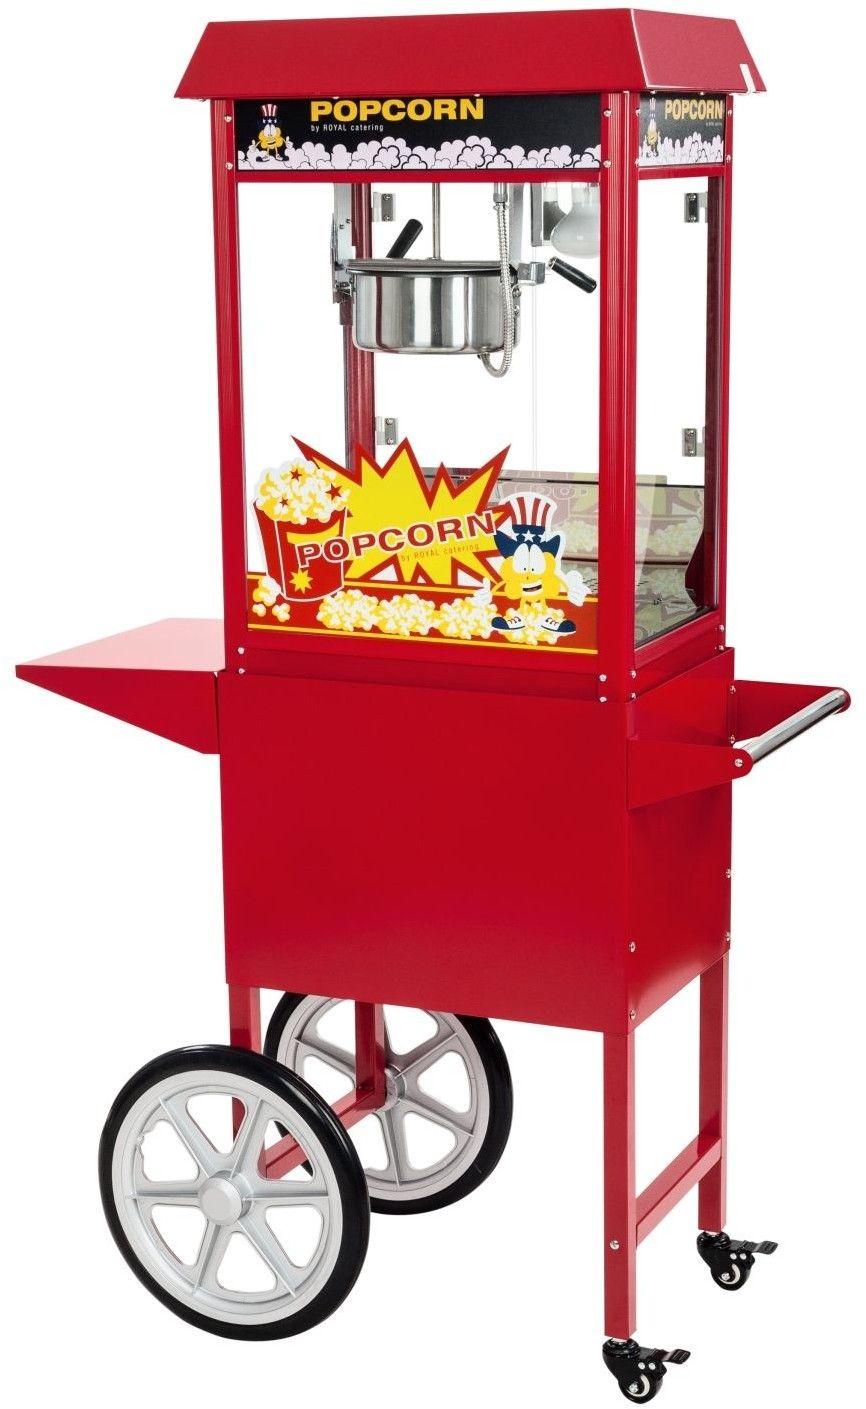 Maszyna do popcornu - wózek - 1600 W - Royal Catering - RCPW-16E - 3 lata gwarancji/wysyłka w 24h